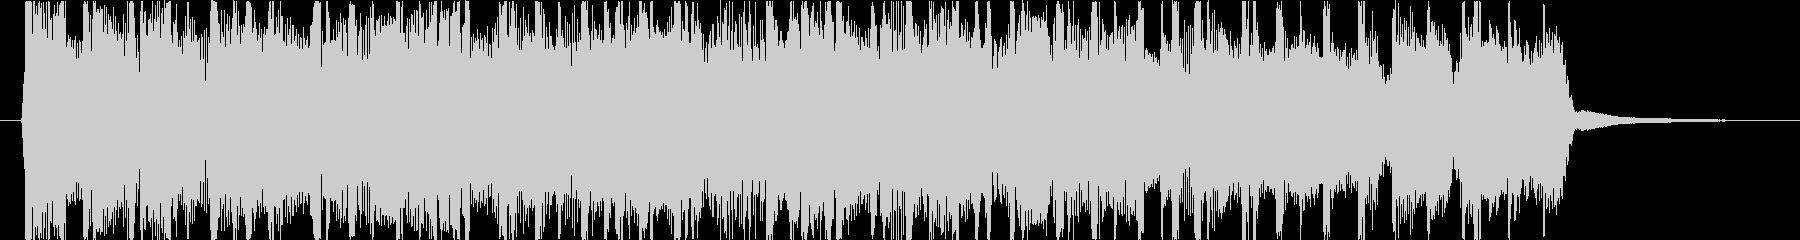 ヘビーメタル、ハードロック、リフ1の未再生の波形